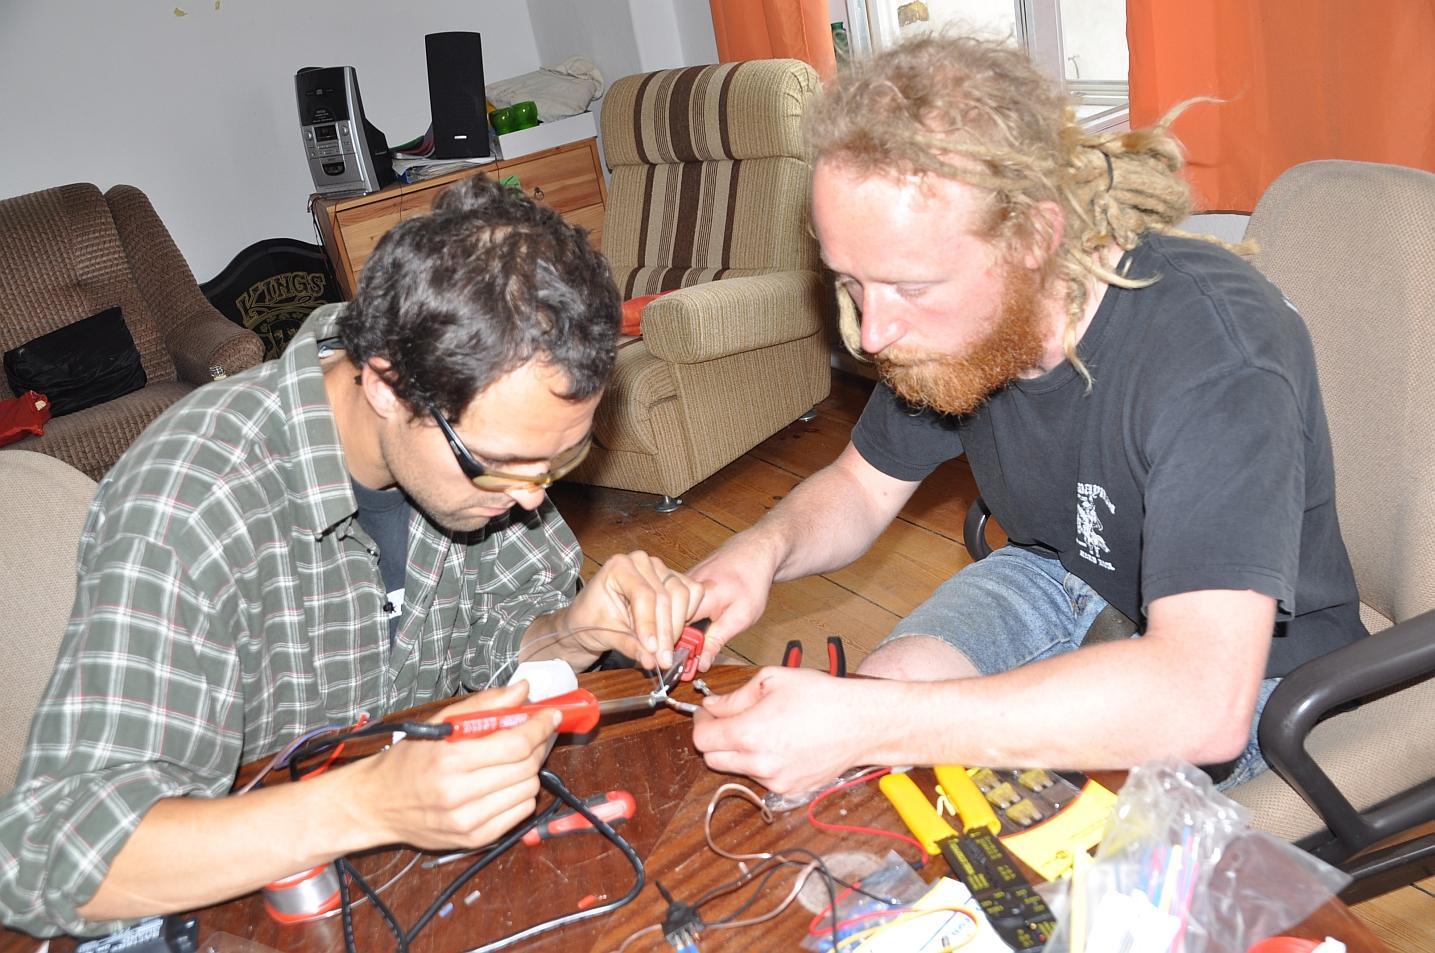 4_Bau der Elektronik im Freiraum 1435x953